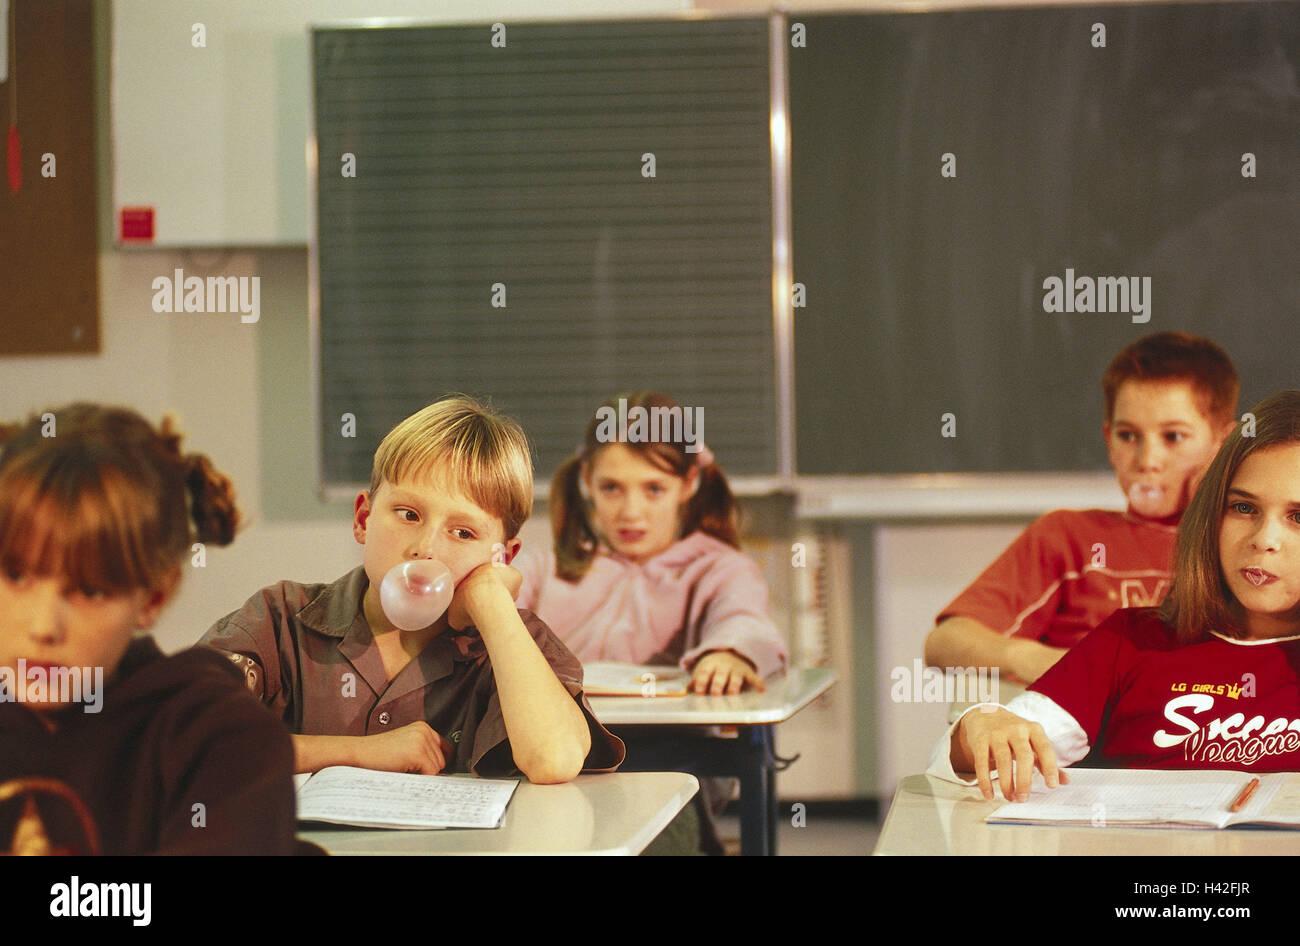 should students chew gum in school